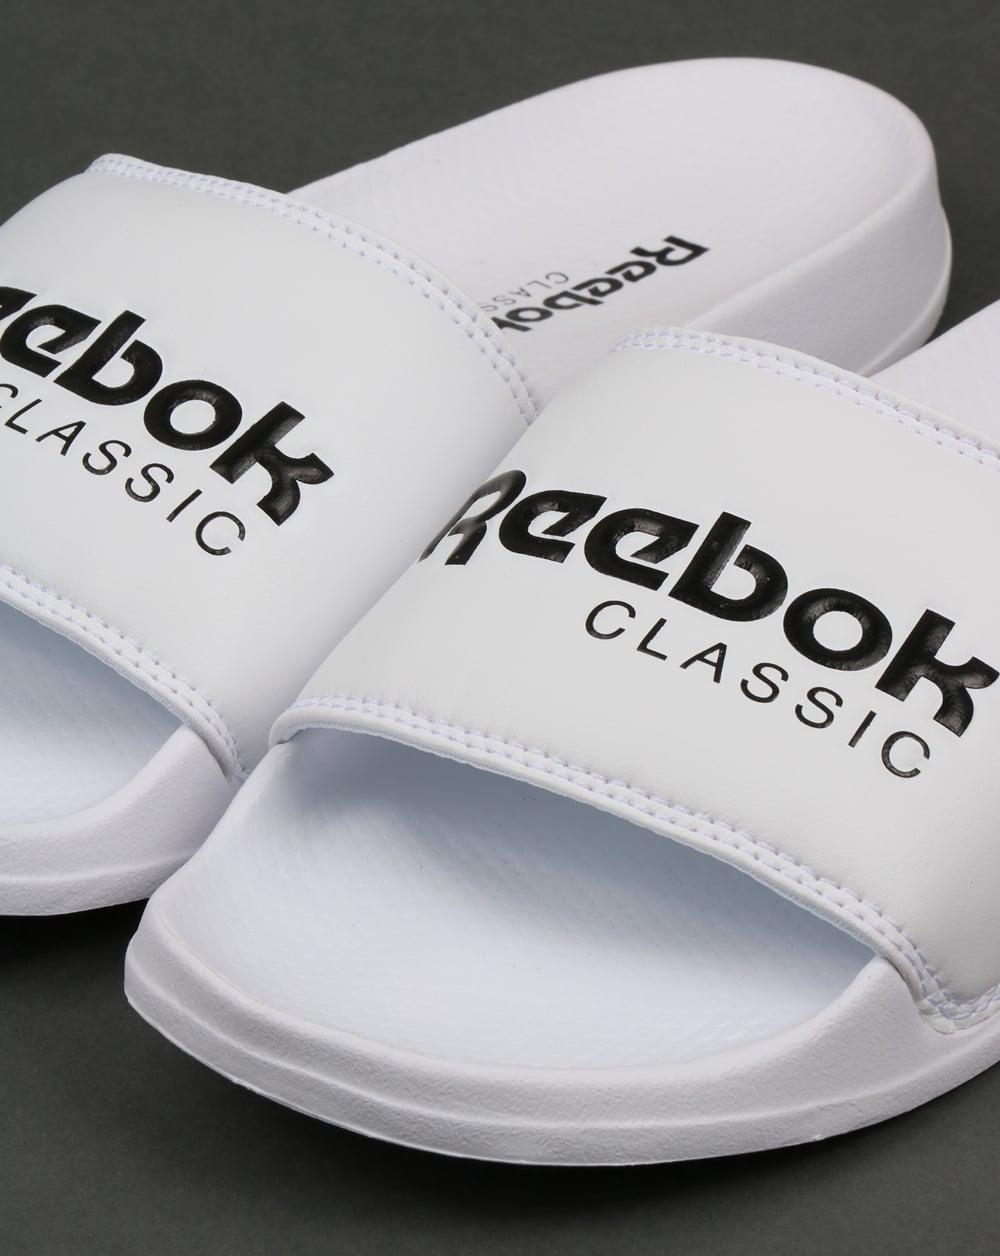 Reebok Curseurs Logo Classique En Blanc - Blanc peKQ5U0Qz